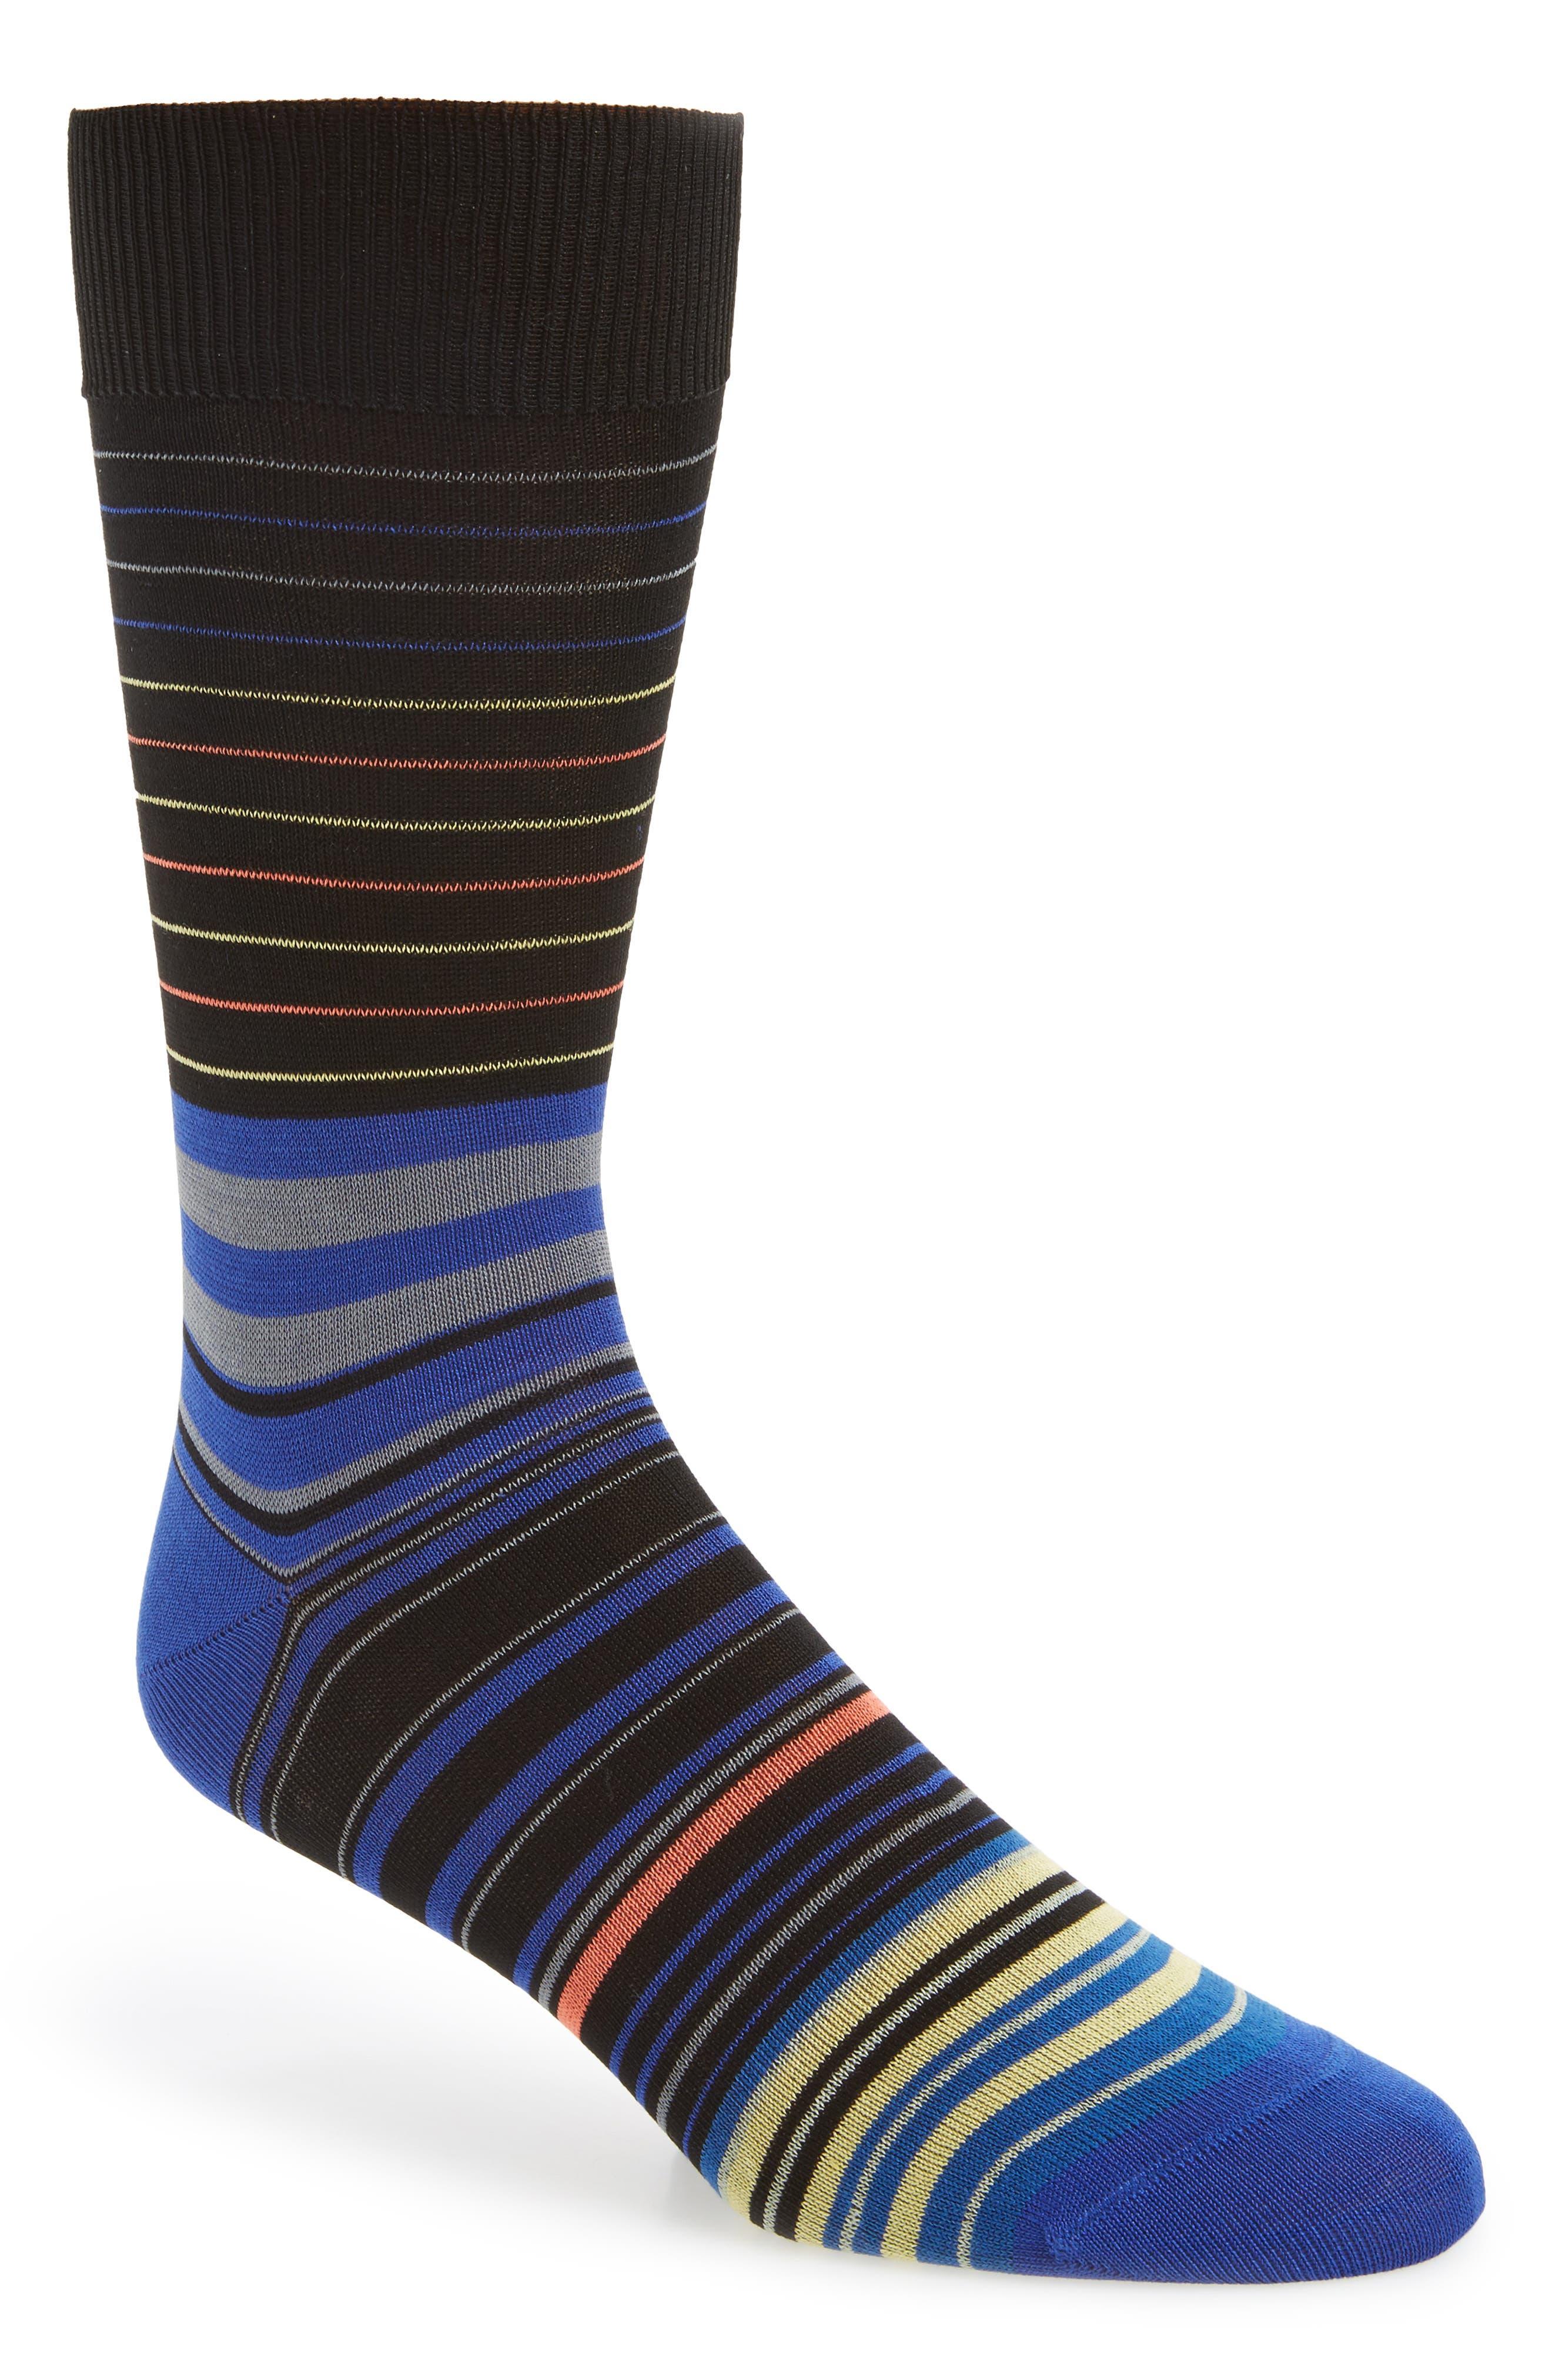 Main Image - Paul Smith Piggle Stripe Socks